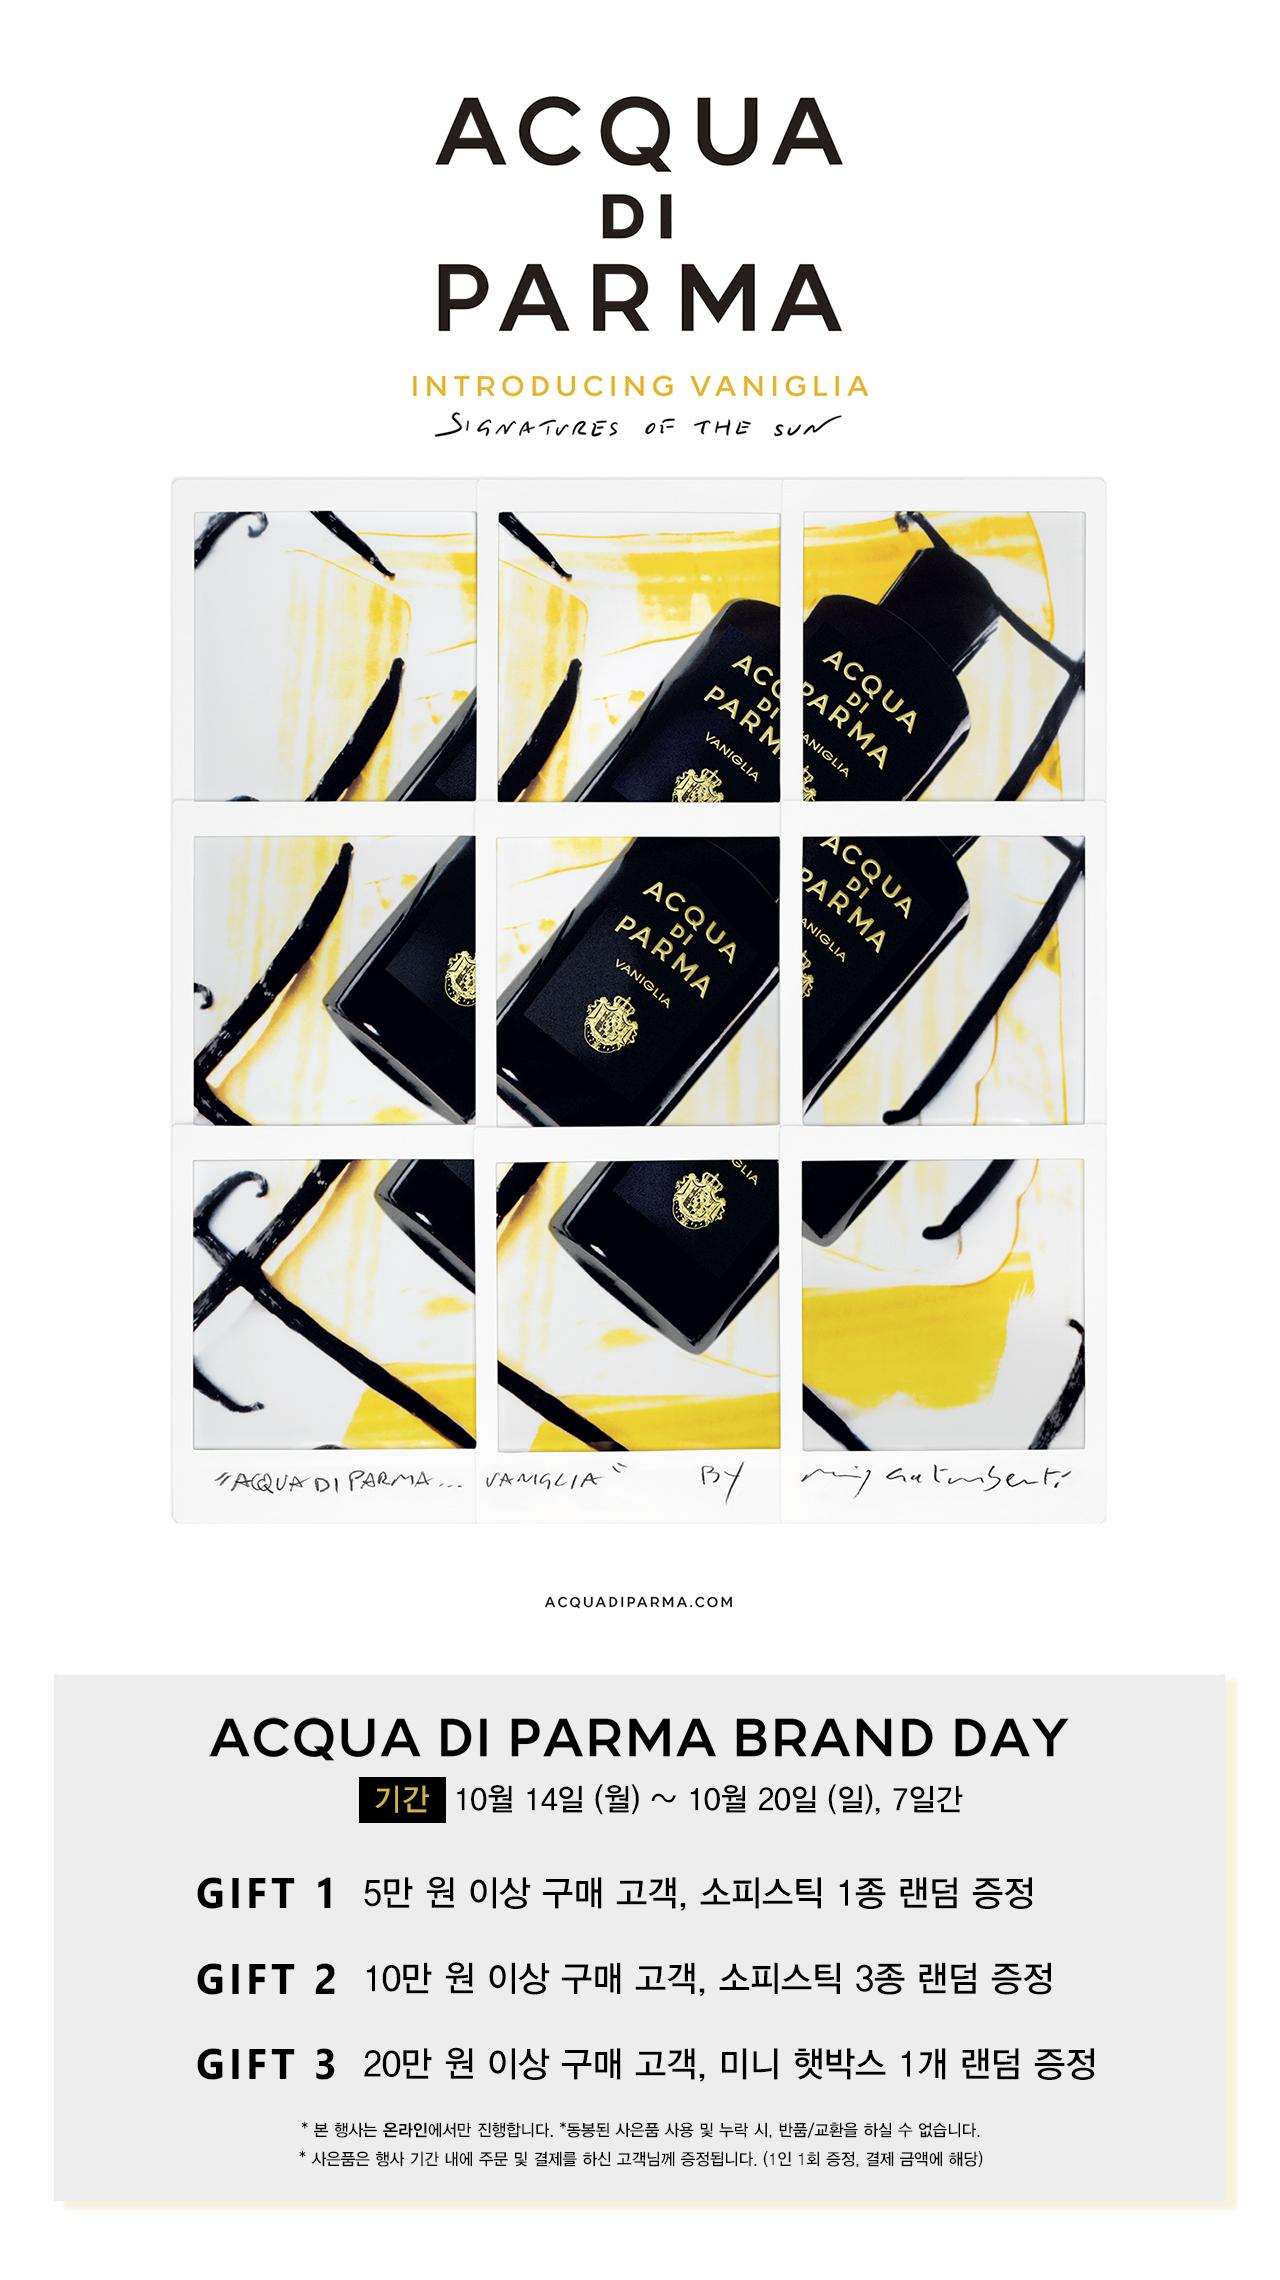 아쿠아 디 파르마 10월 브랜드데이